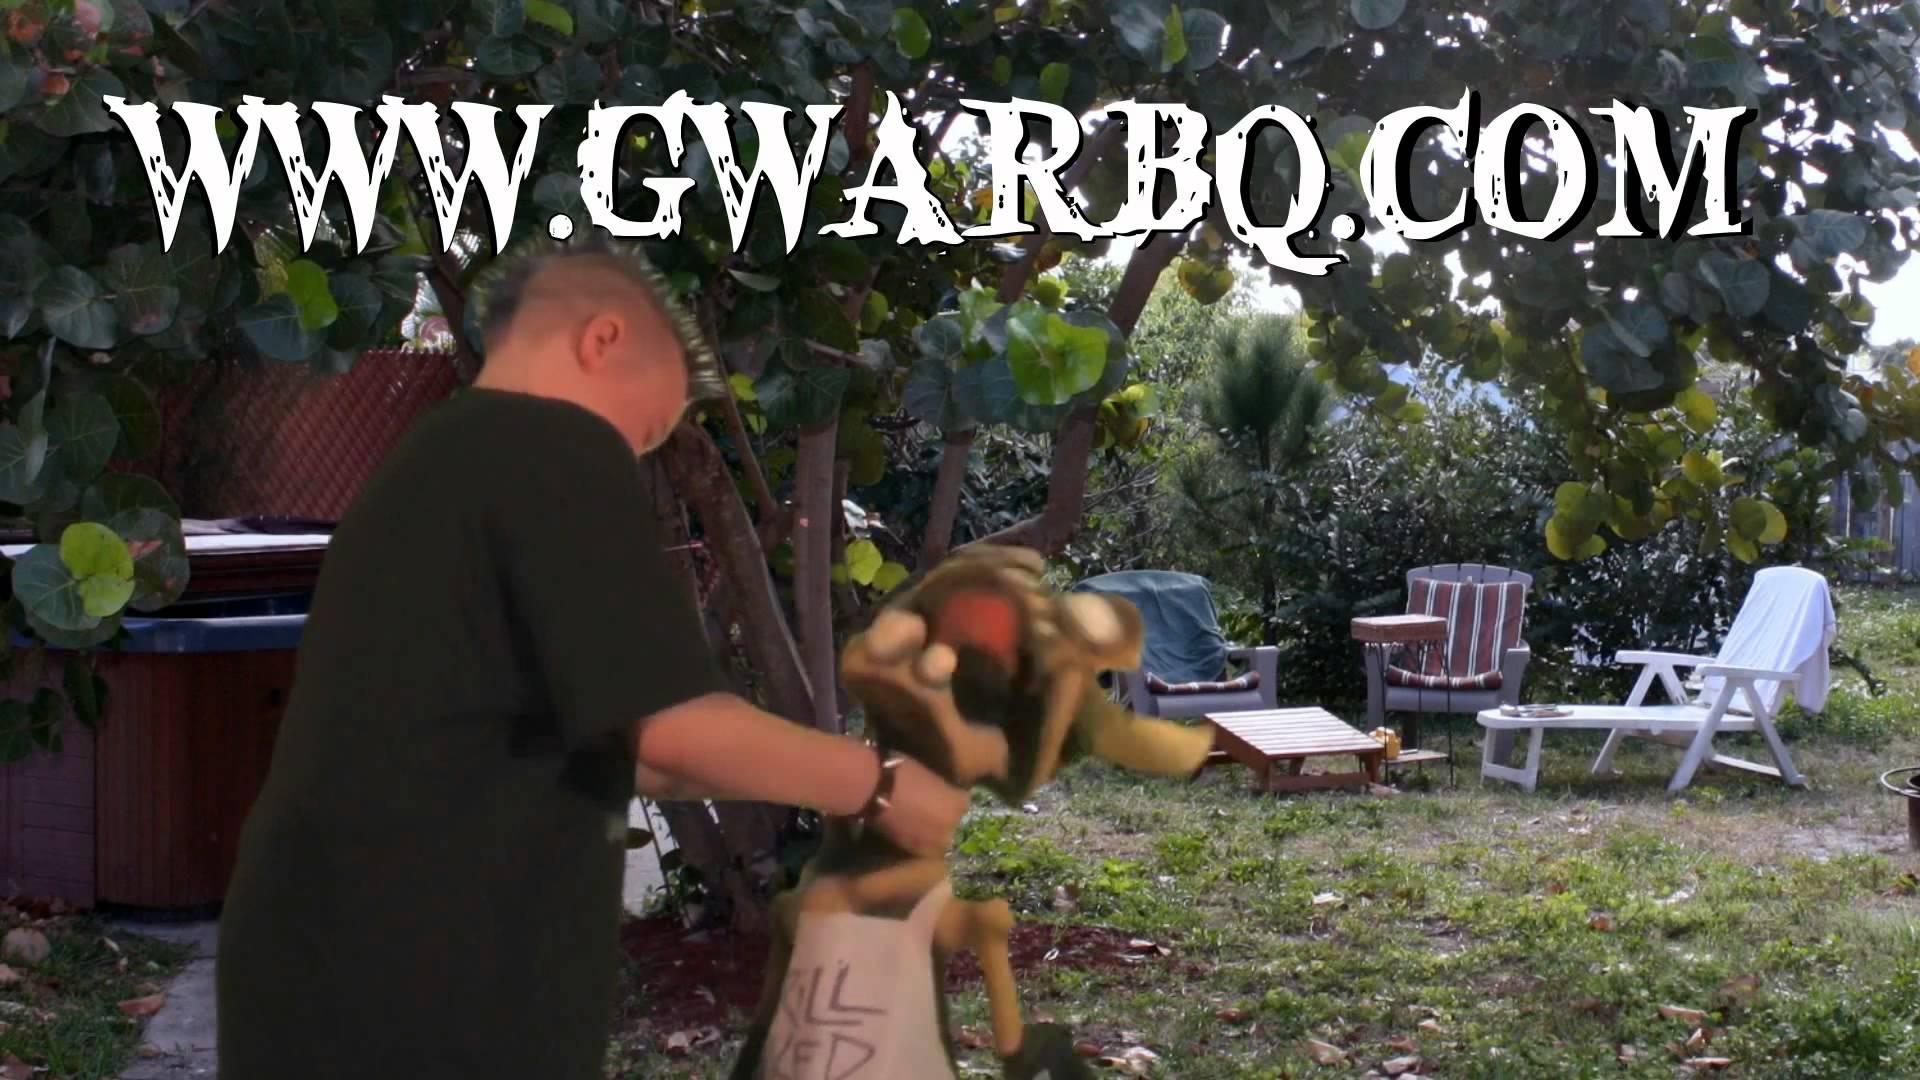 GWAR BQ 2012 - August 18th